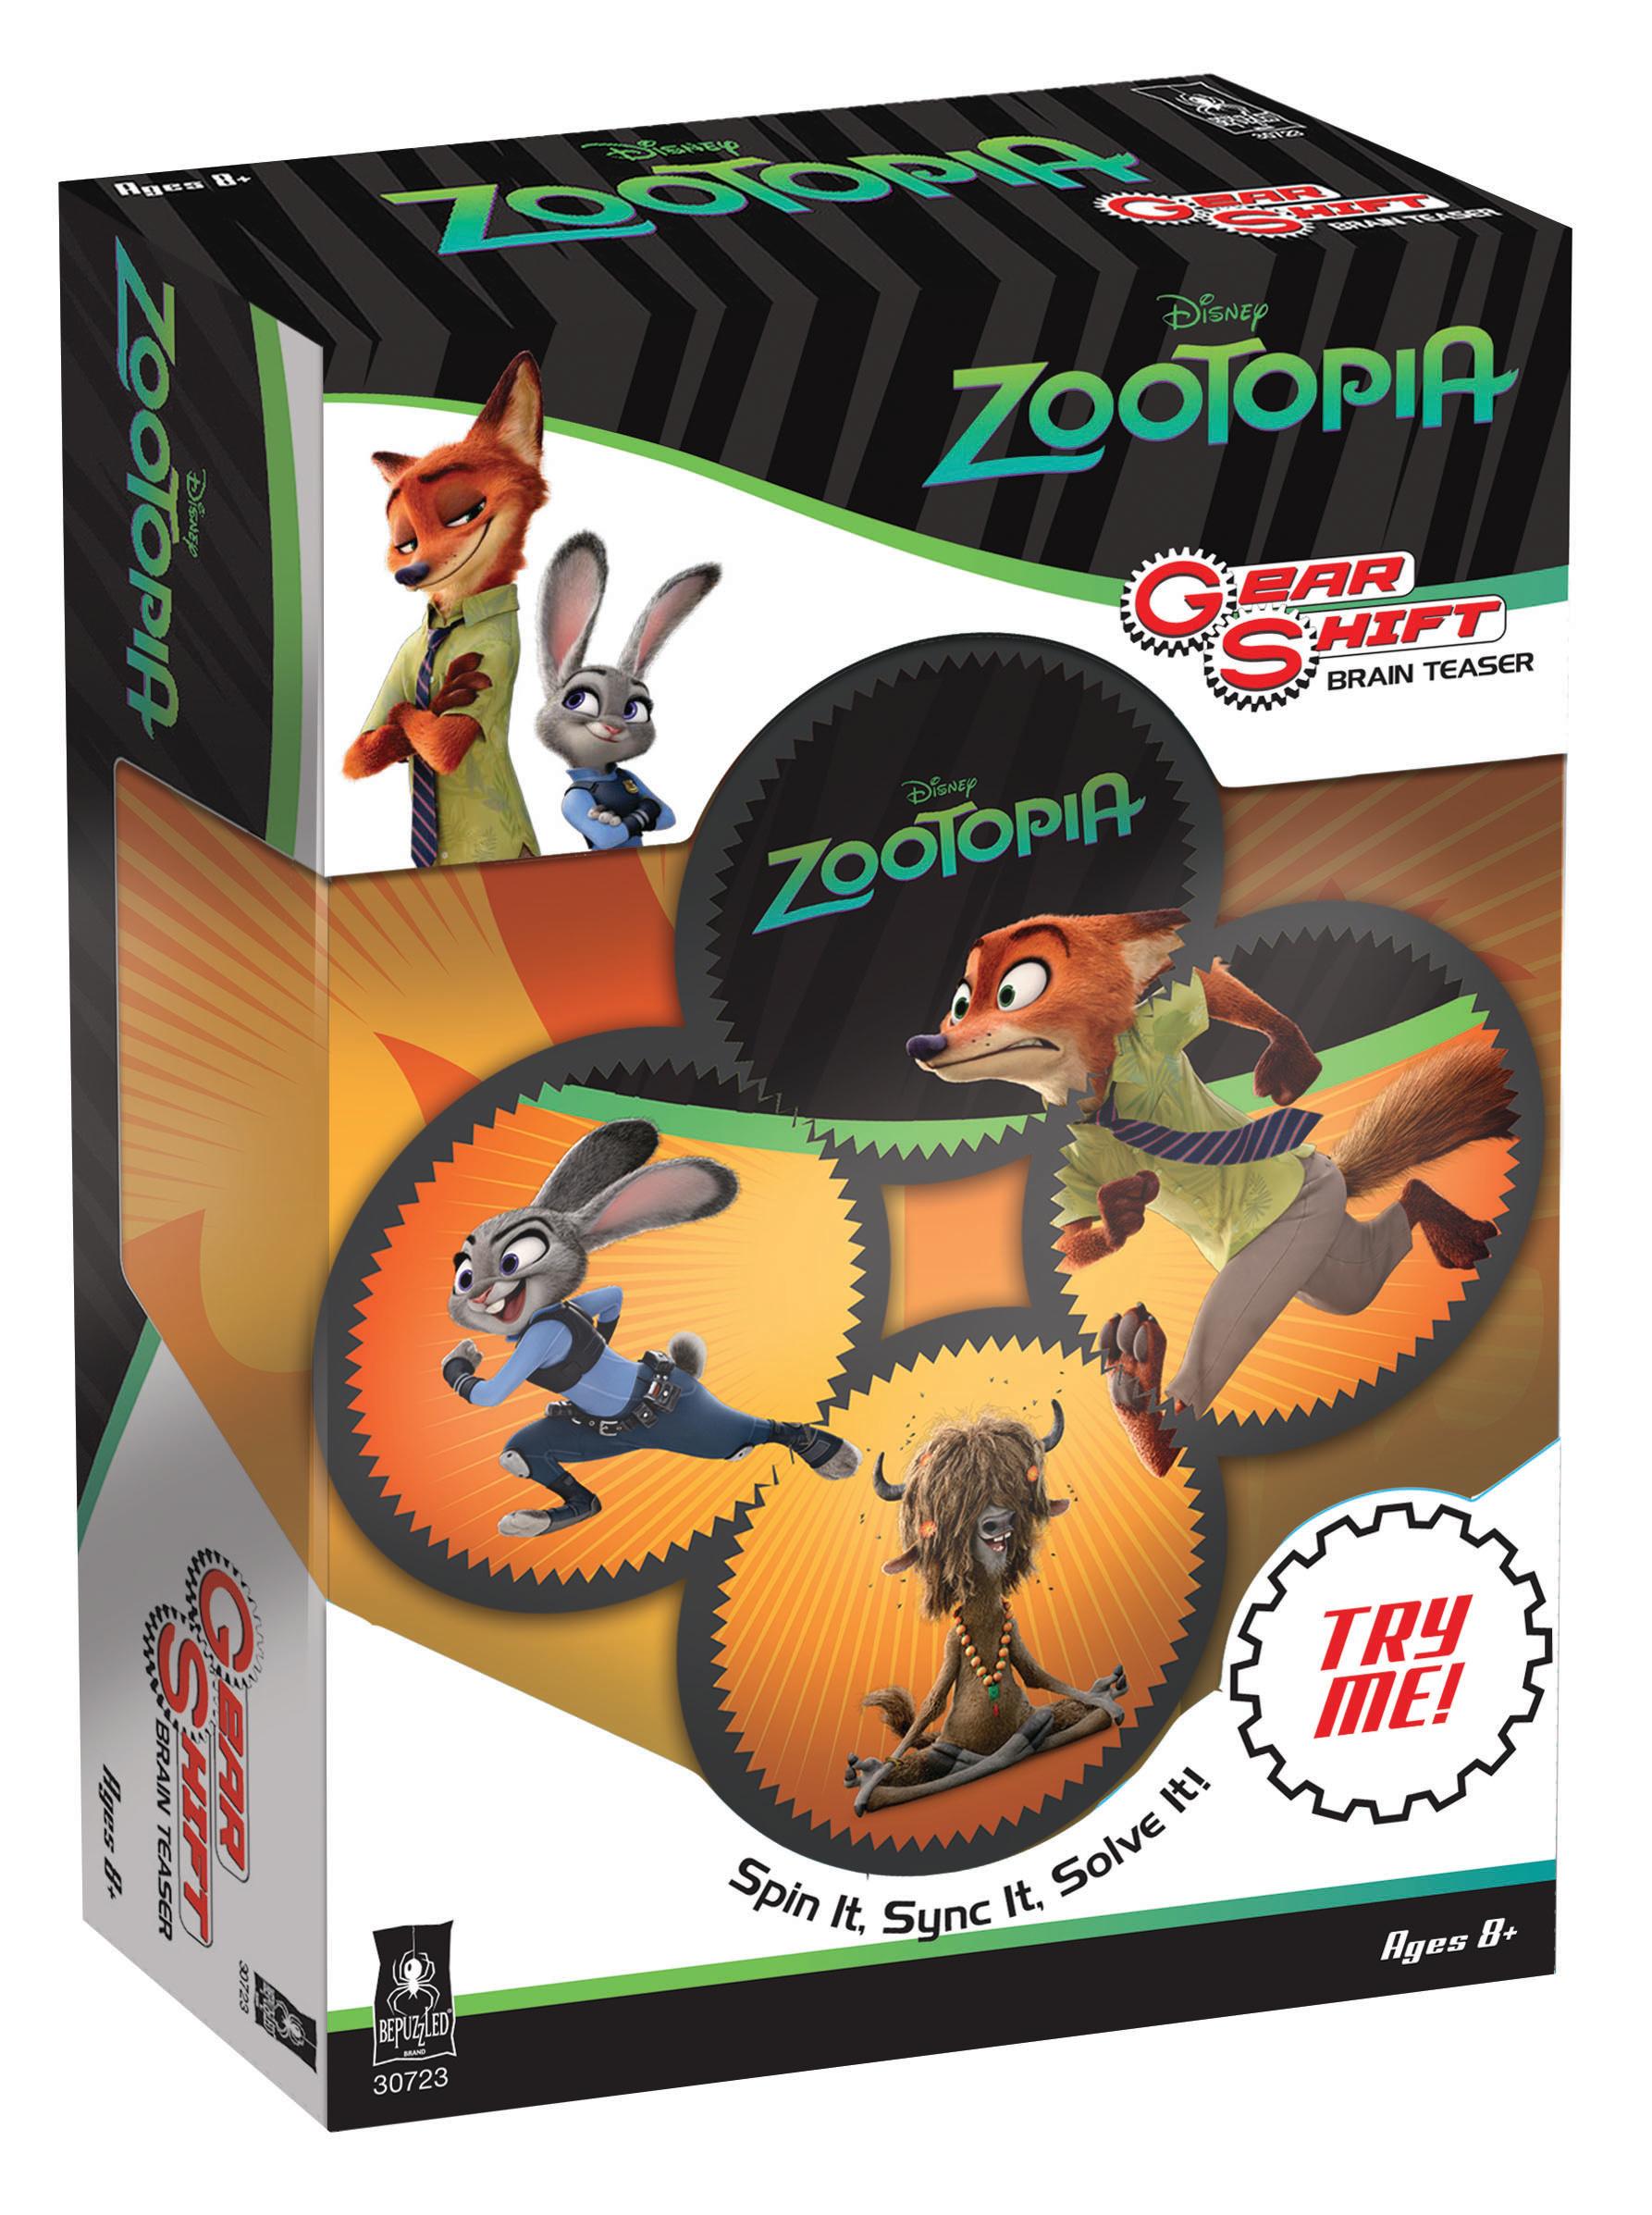 30722_GearShift_Disney_Zootopia_3D